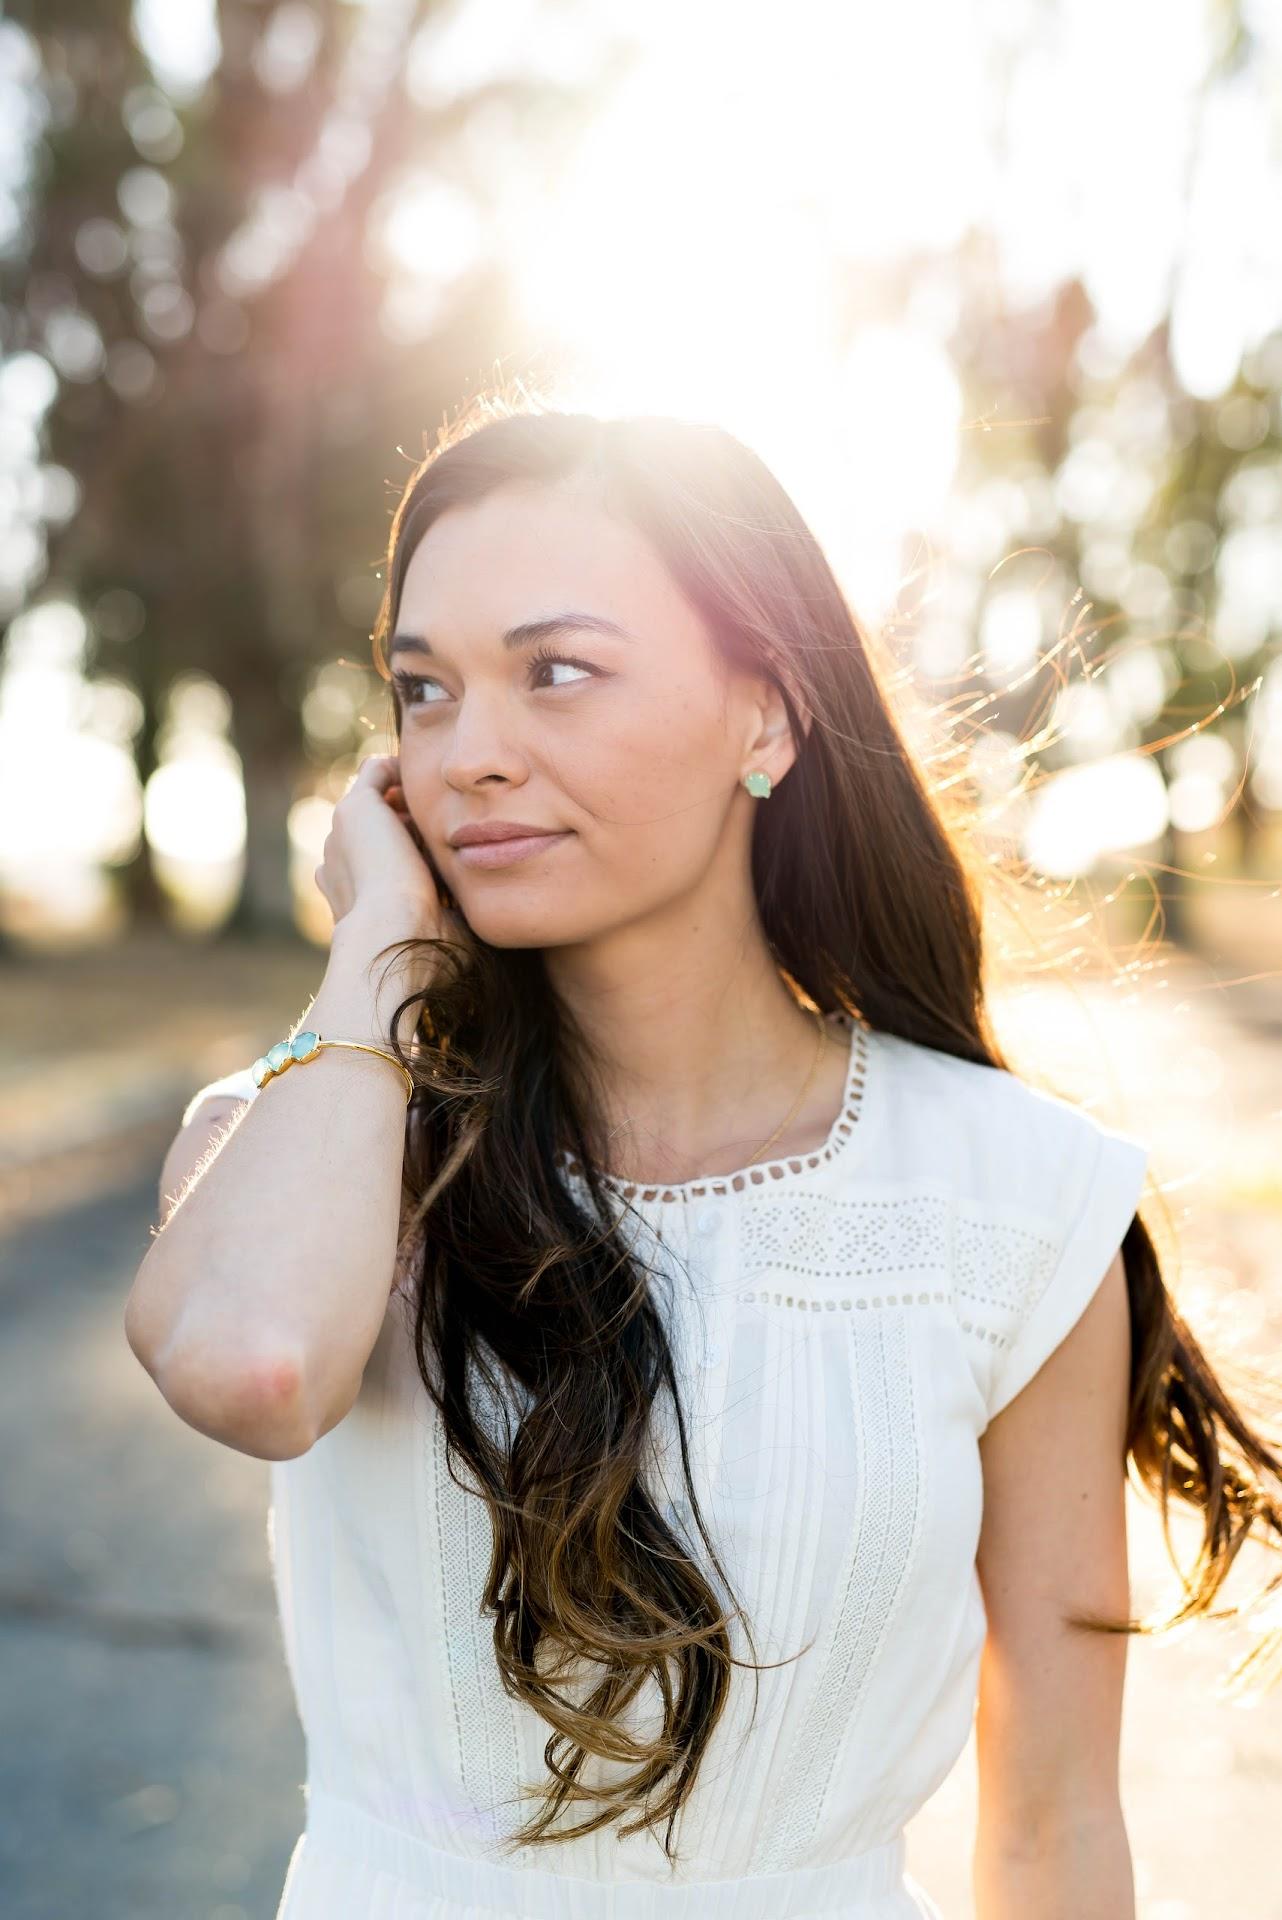 kendra scott tessaa studs, rocksbox jewelry review, mormon blogger